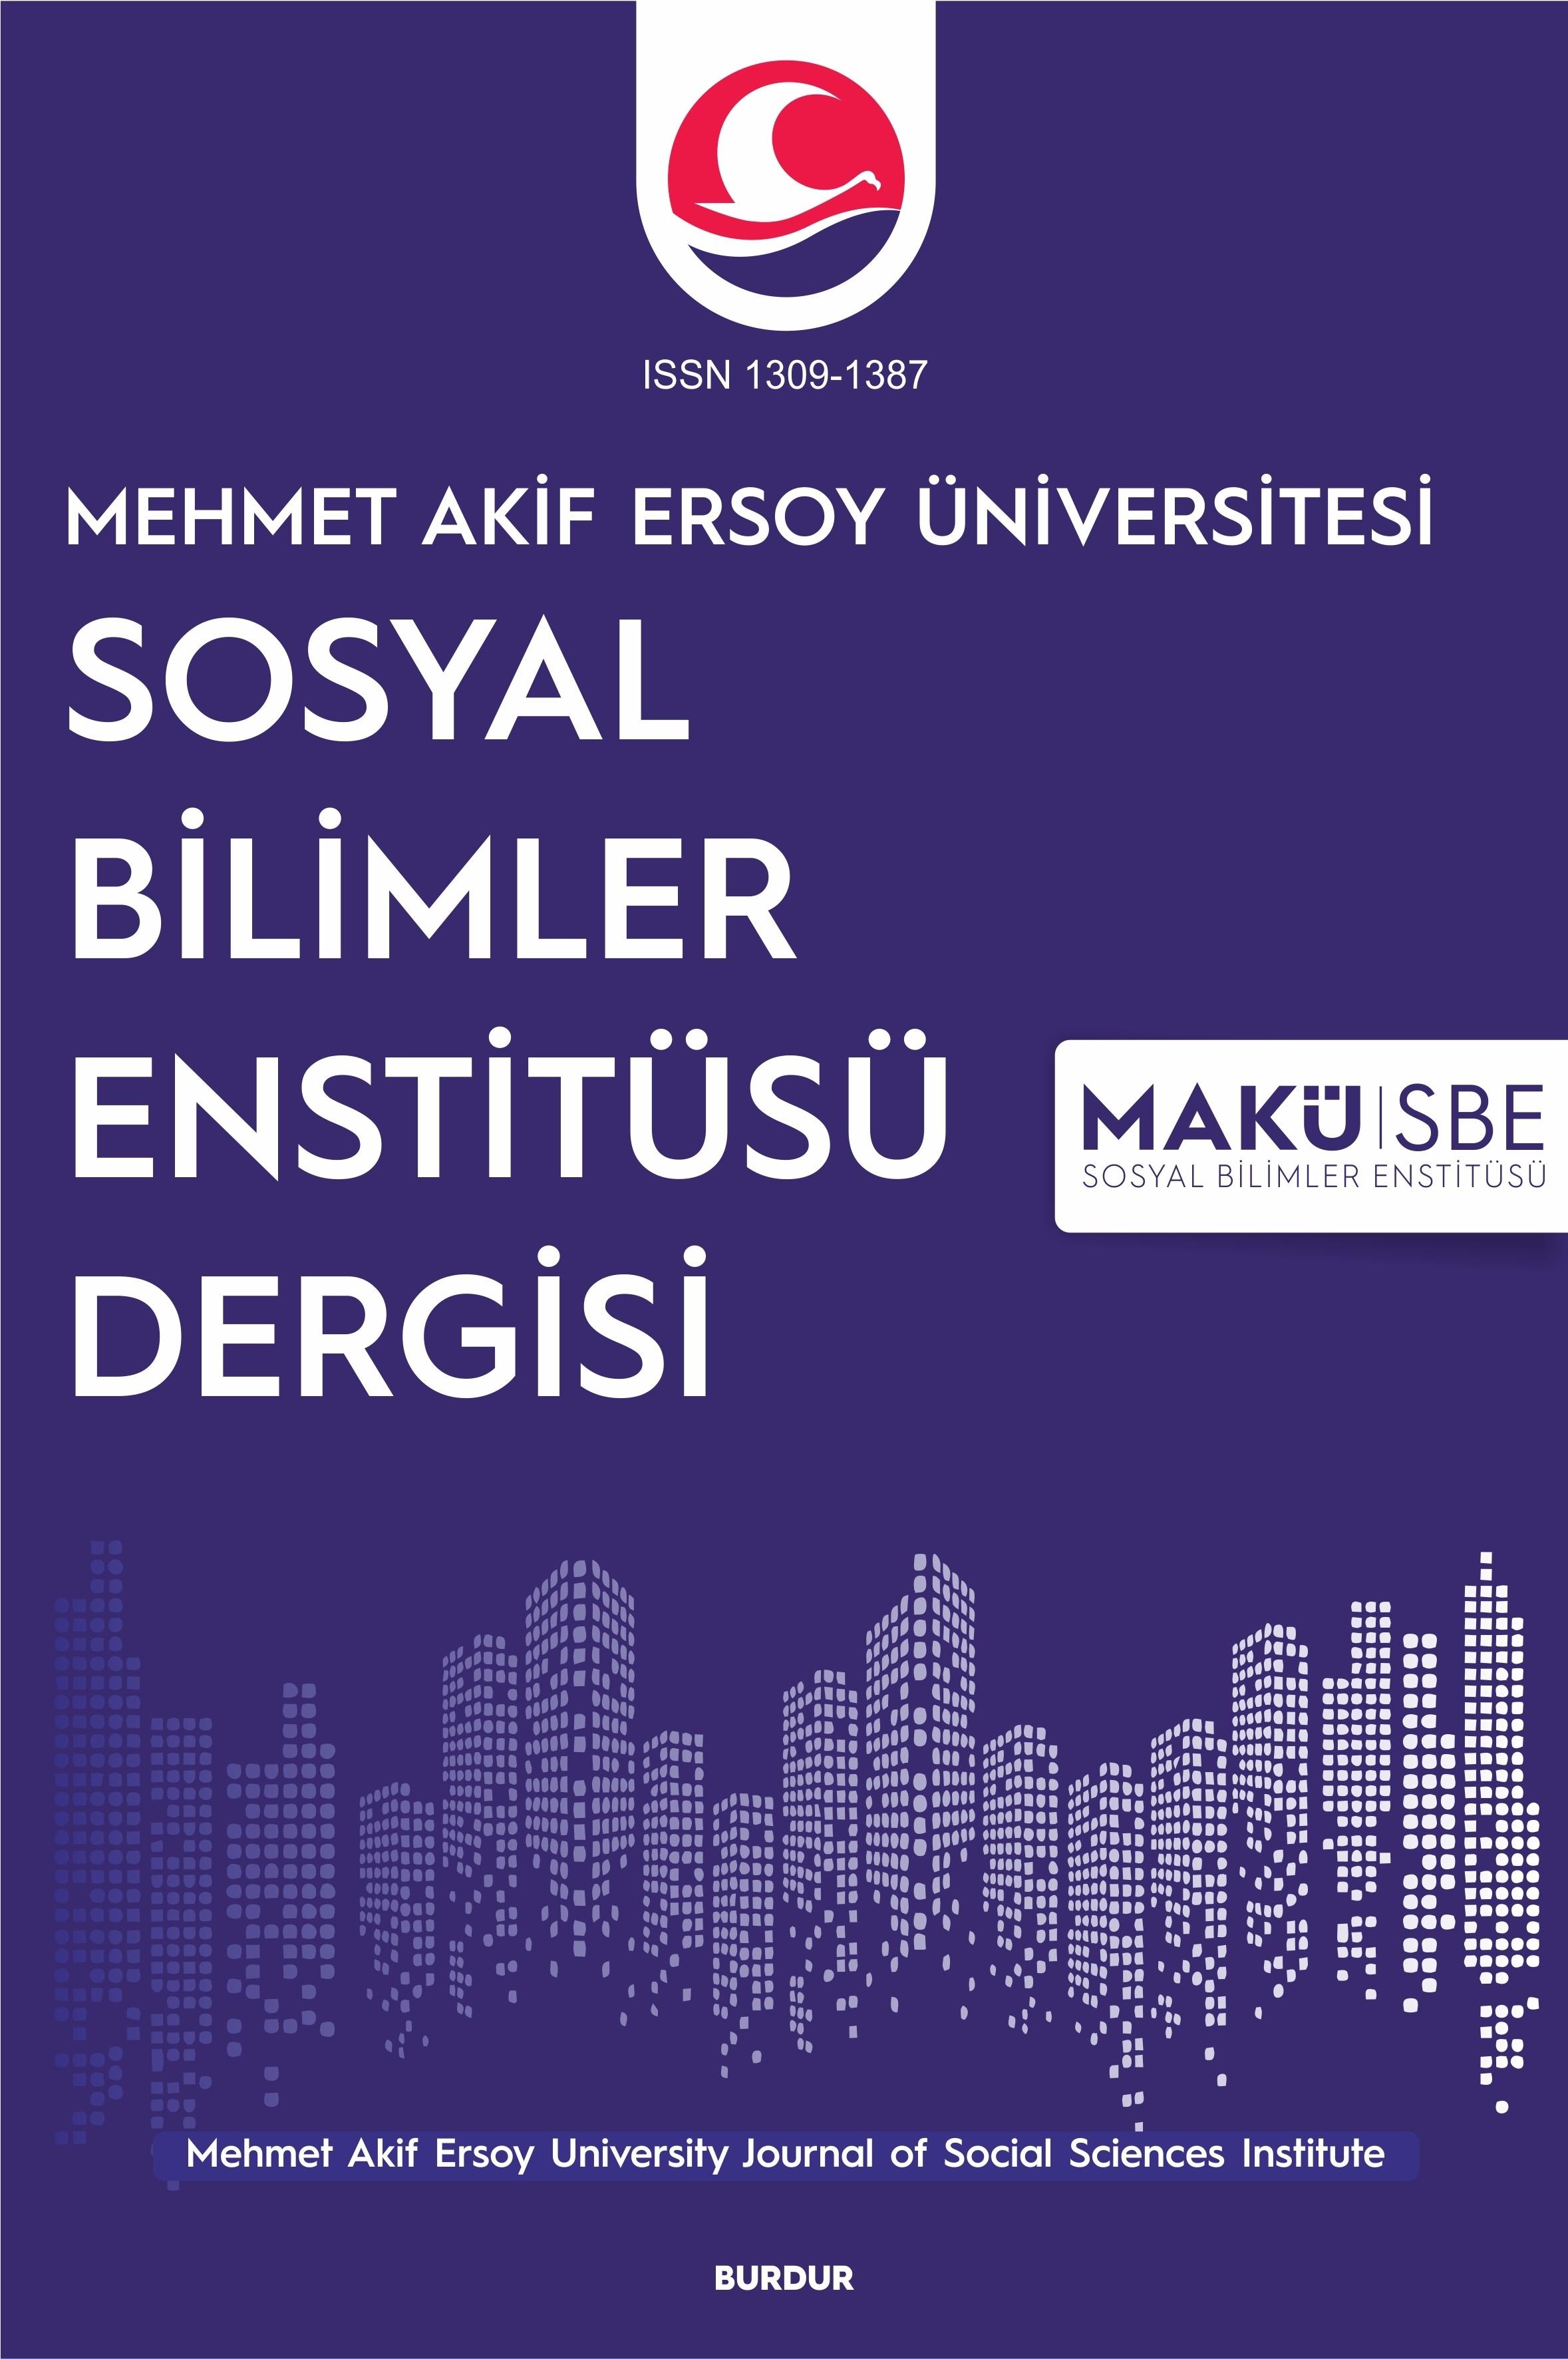 Mehmet Akif Ersoy University Journal of Social Sciences Institute